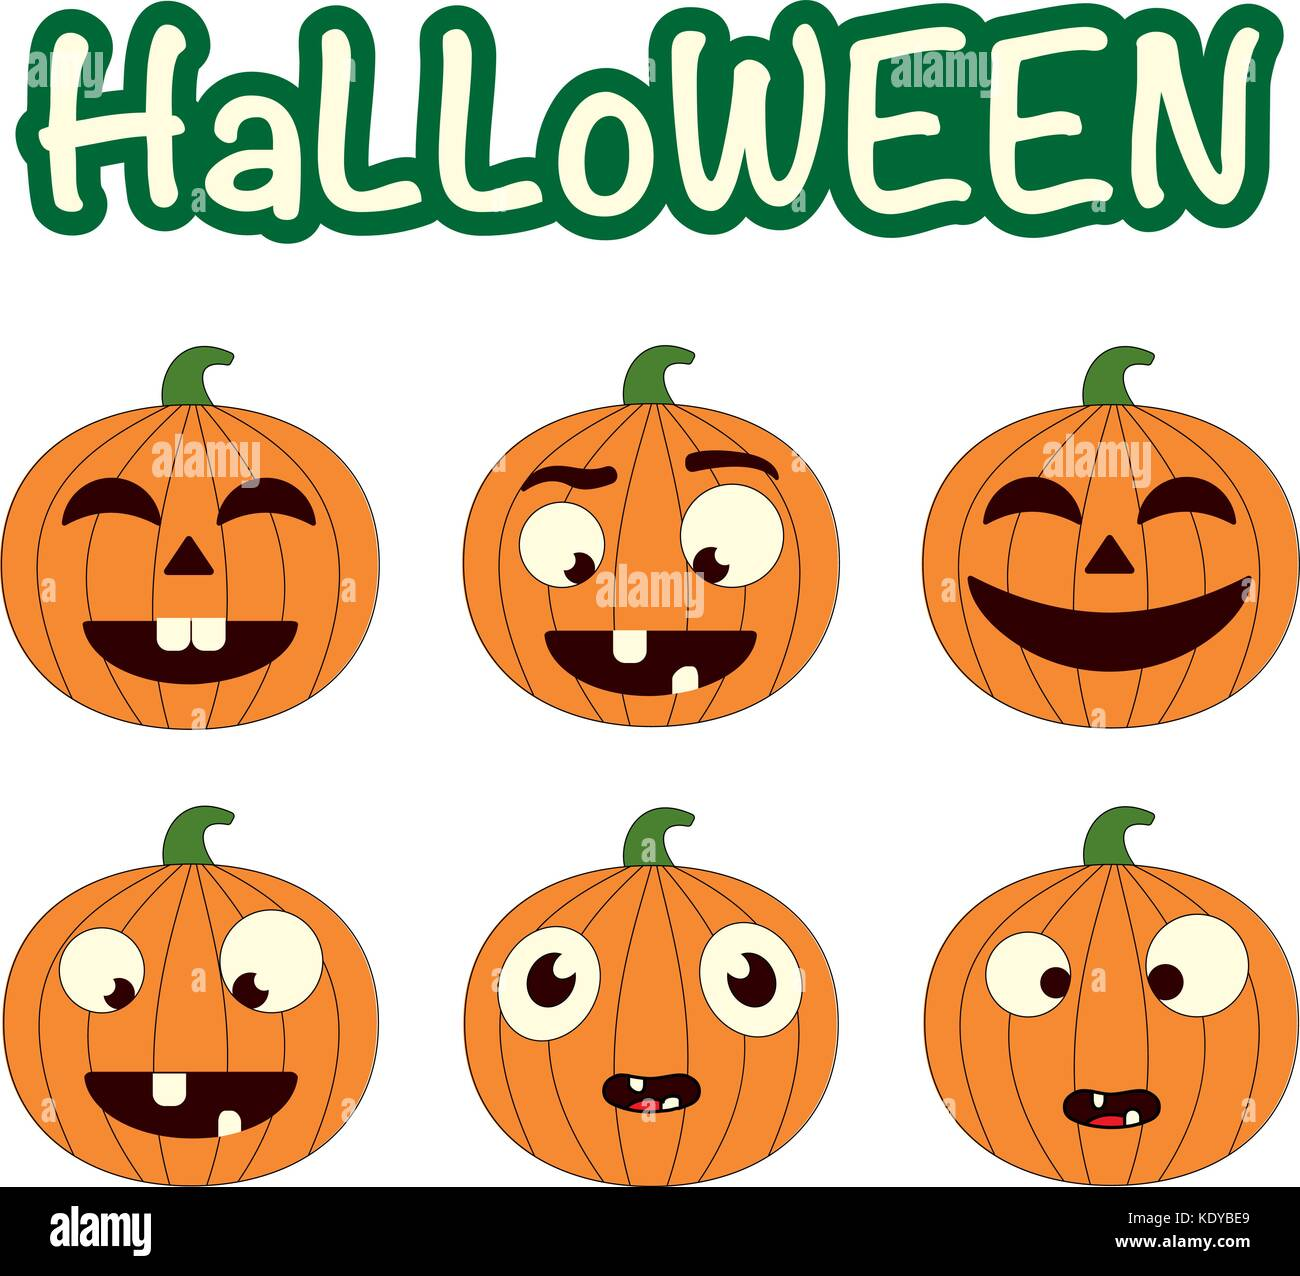 Zucche Di Halloween Cartoni Animati.Vettore Di Carino Impostato Con Zucche Di Halloween Sorridente E